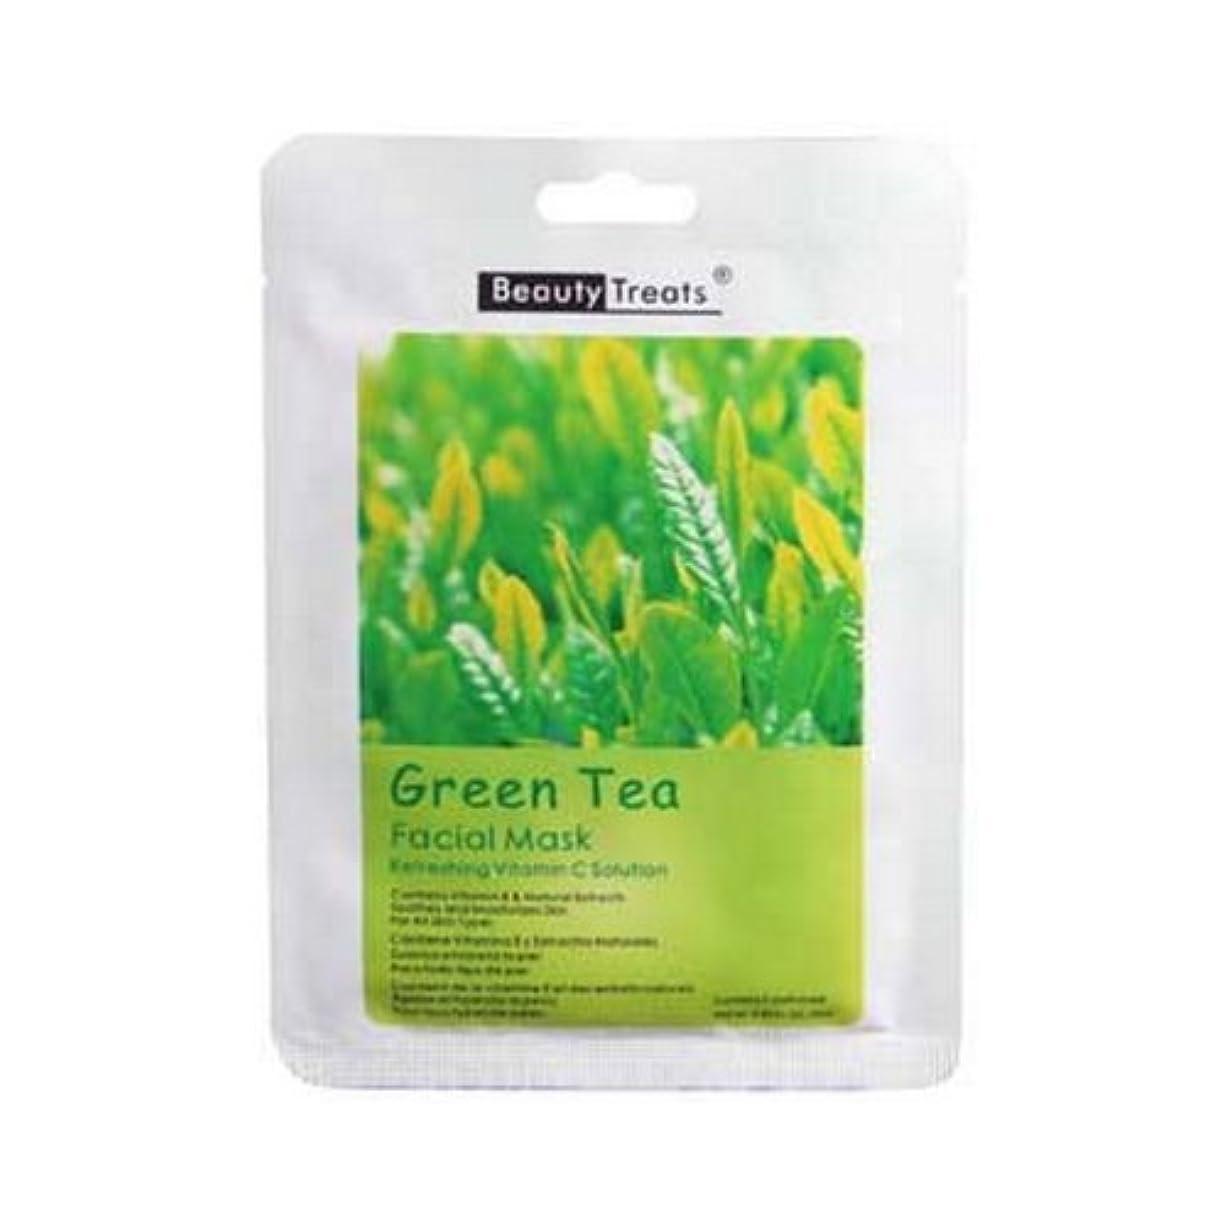 肯定的寛解冊子(3 Pack) BEAUTY TREATS Facial Mask Refreshing Vitamin C Solution - Green Tea (並行輸入品)